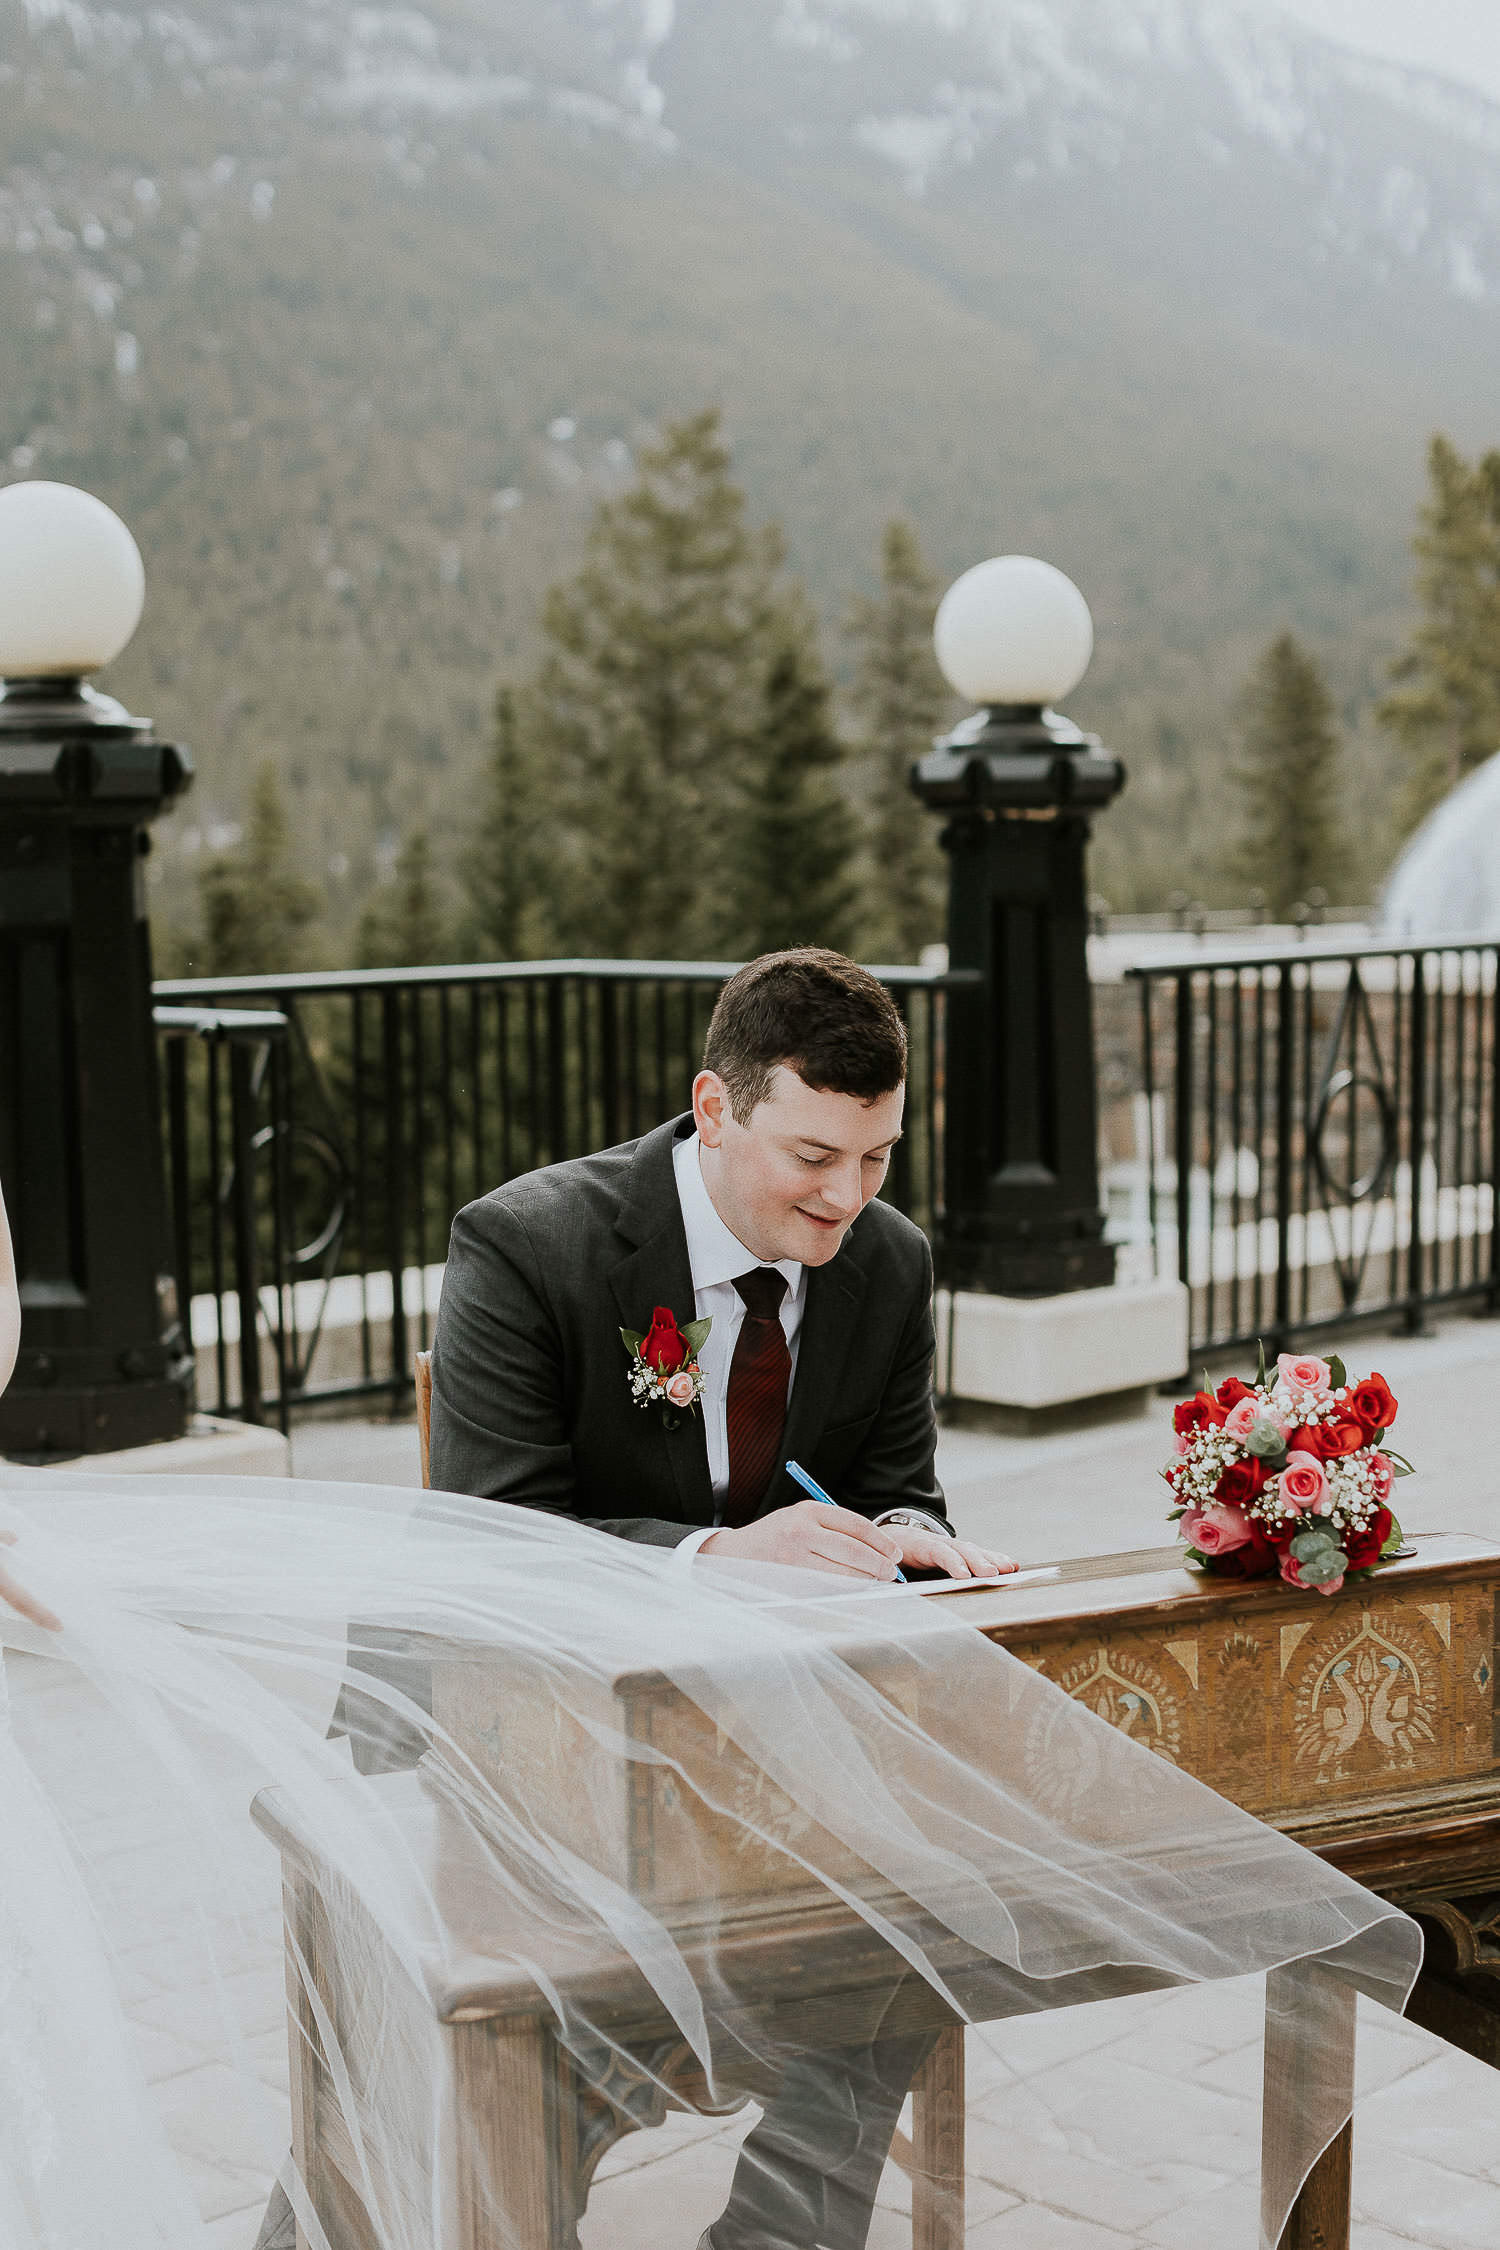 intimate-wedding-at-banff-springs-hotel-sarah-pukin-0105